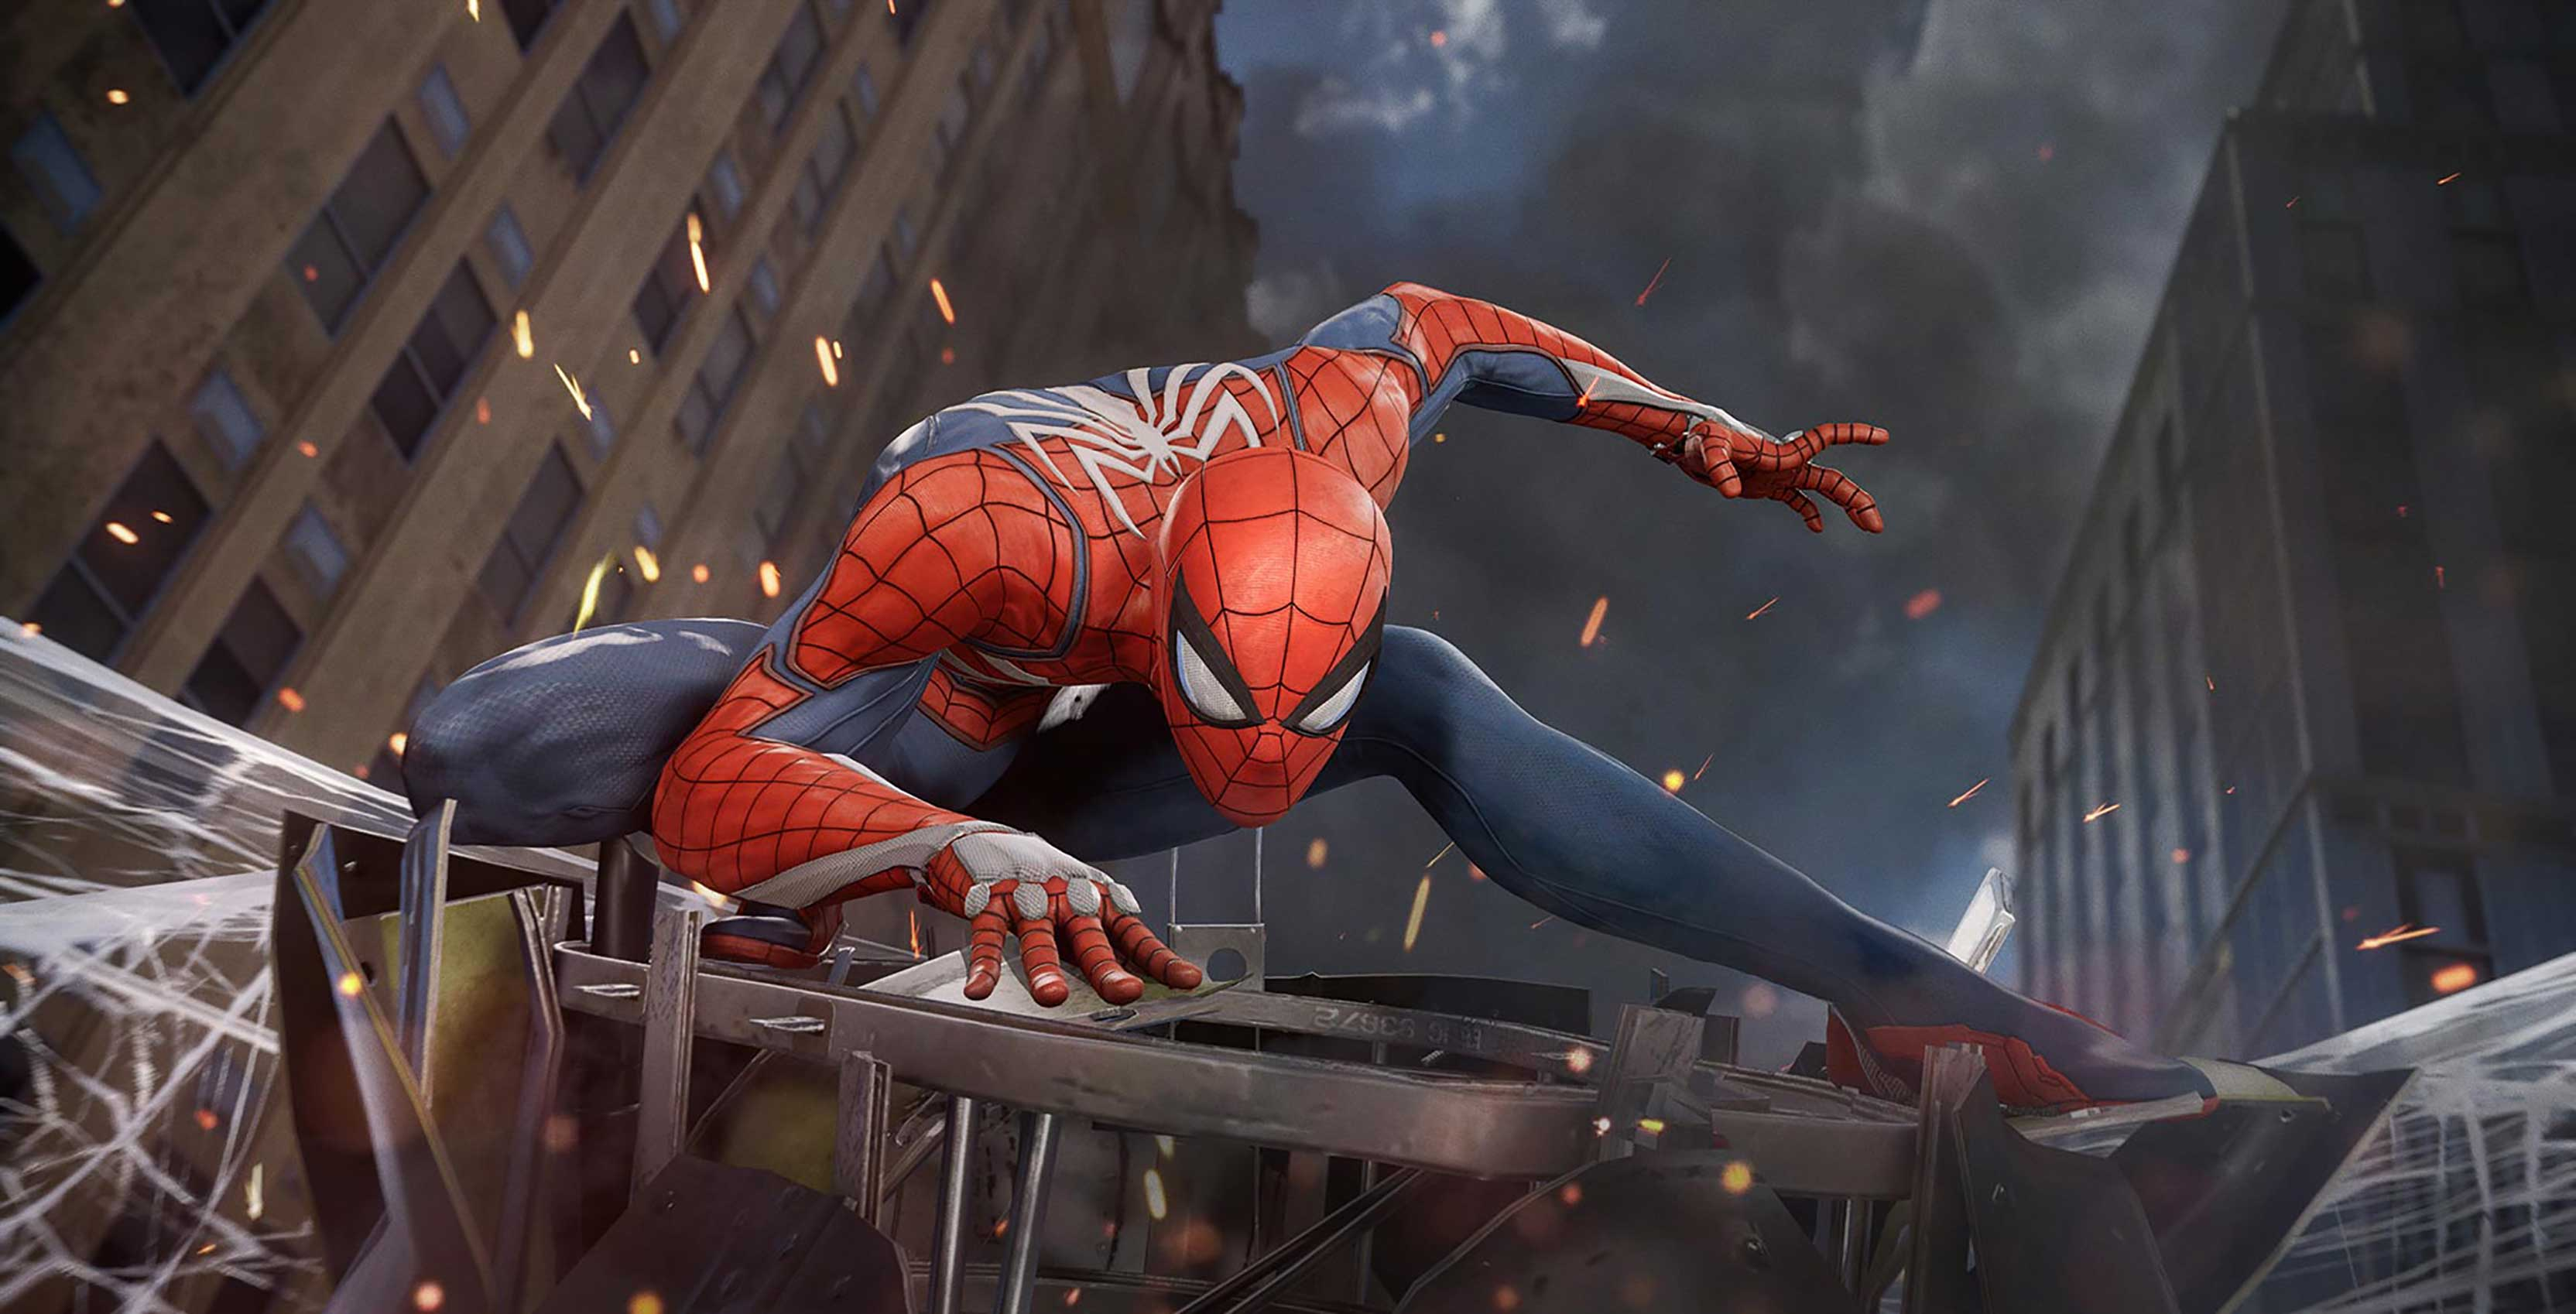 Sony buys Spider-Man developer Insomniac games